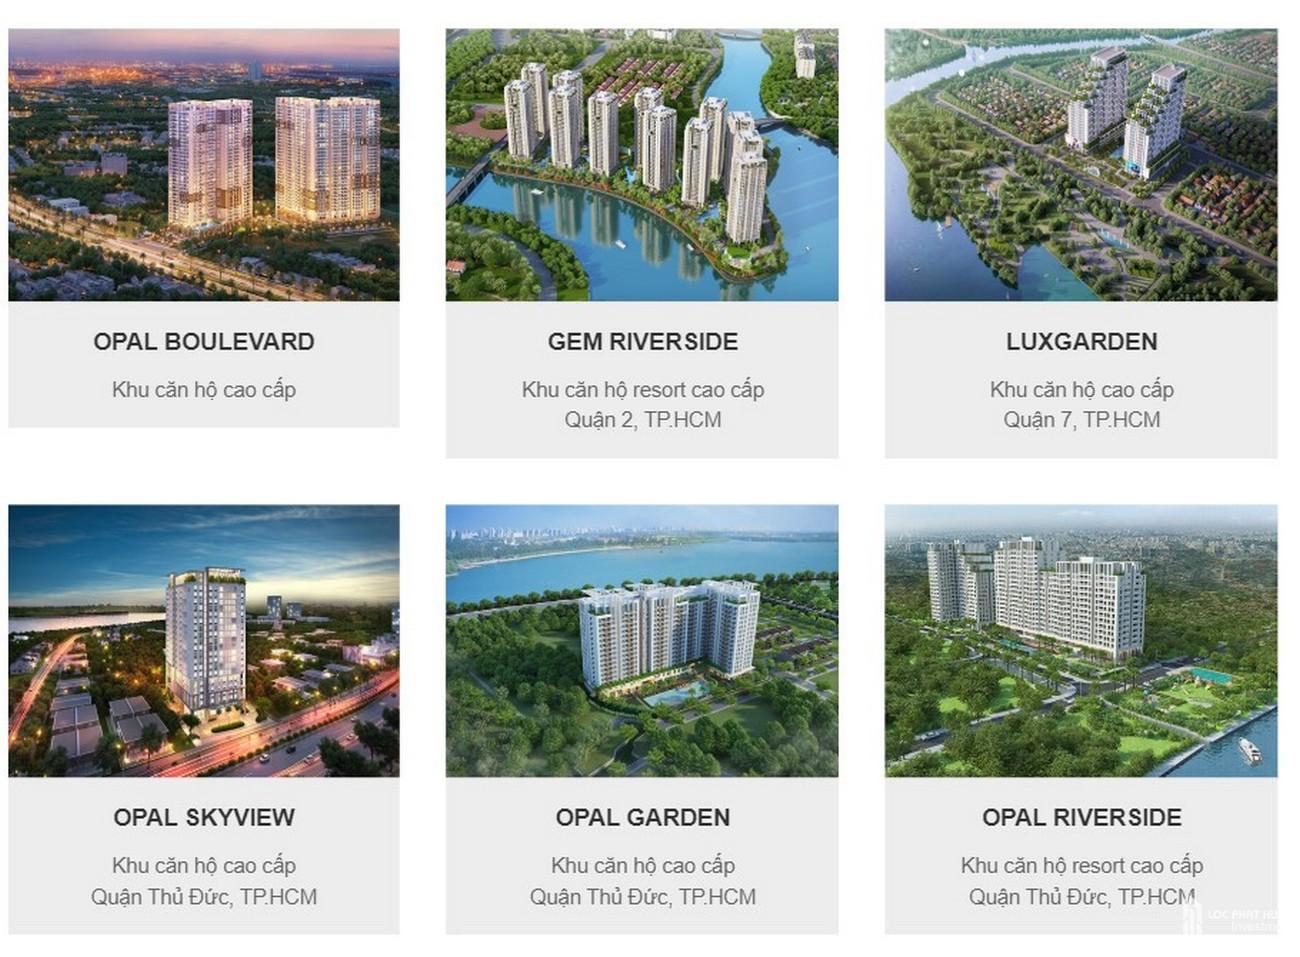 Các dự án chủ đầu tư Đất Xanh đã triển khai